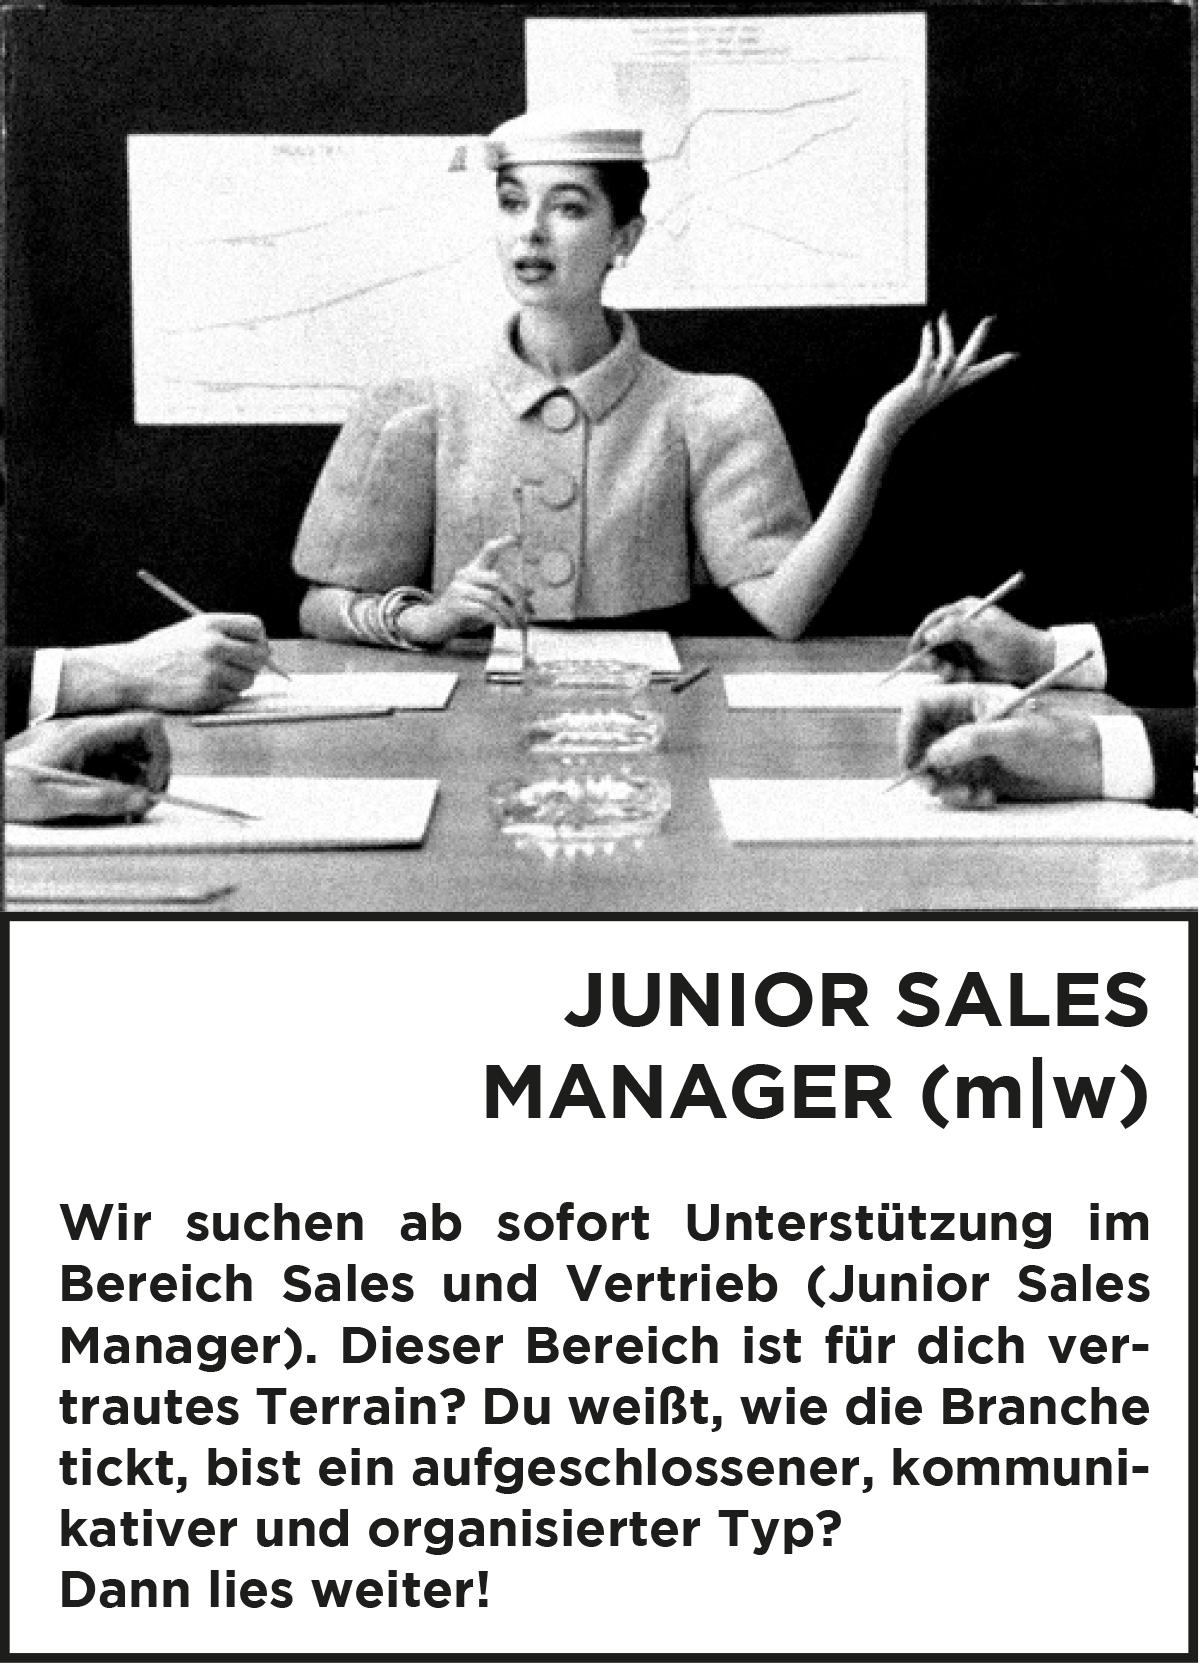 Jobbeschreibung/Anzeige Junior Sales Manager*in